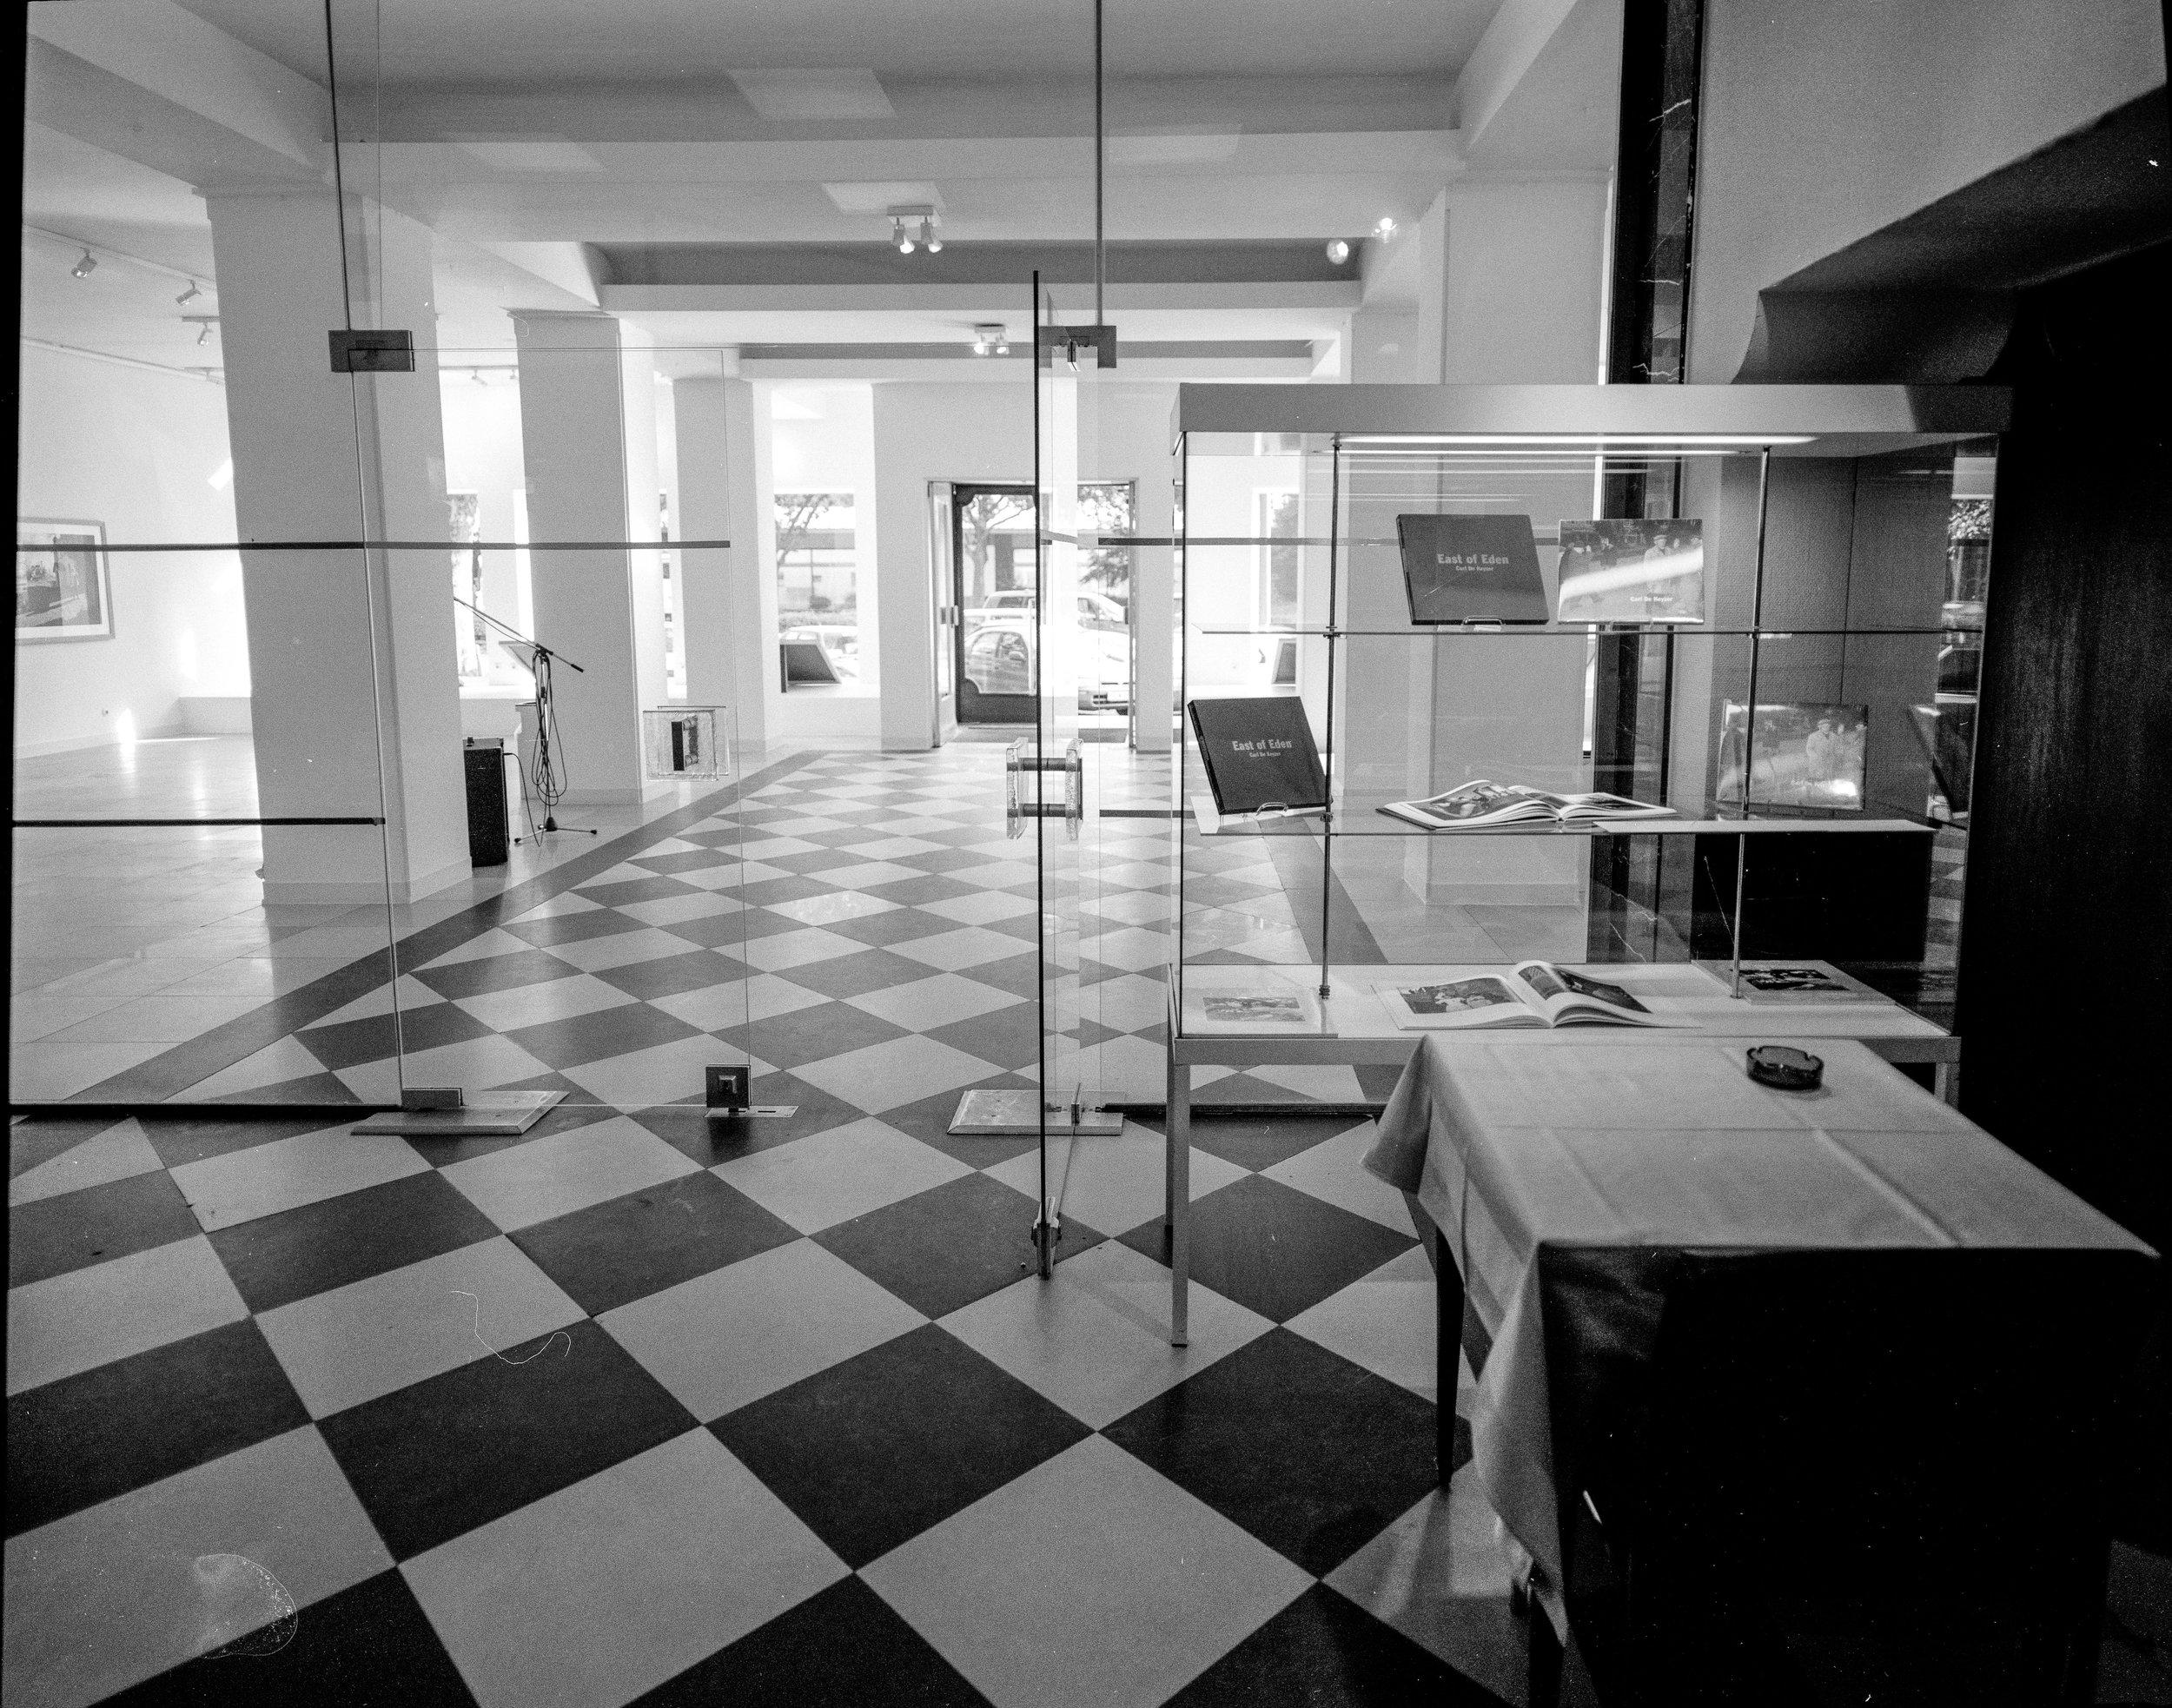 23-06-18-neg-zw-expo-Belgisch-huis-9 001.jpg